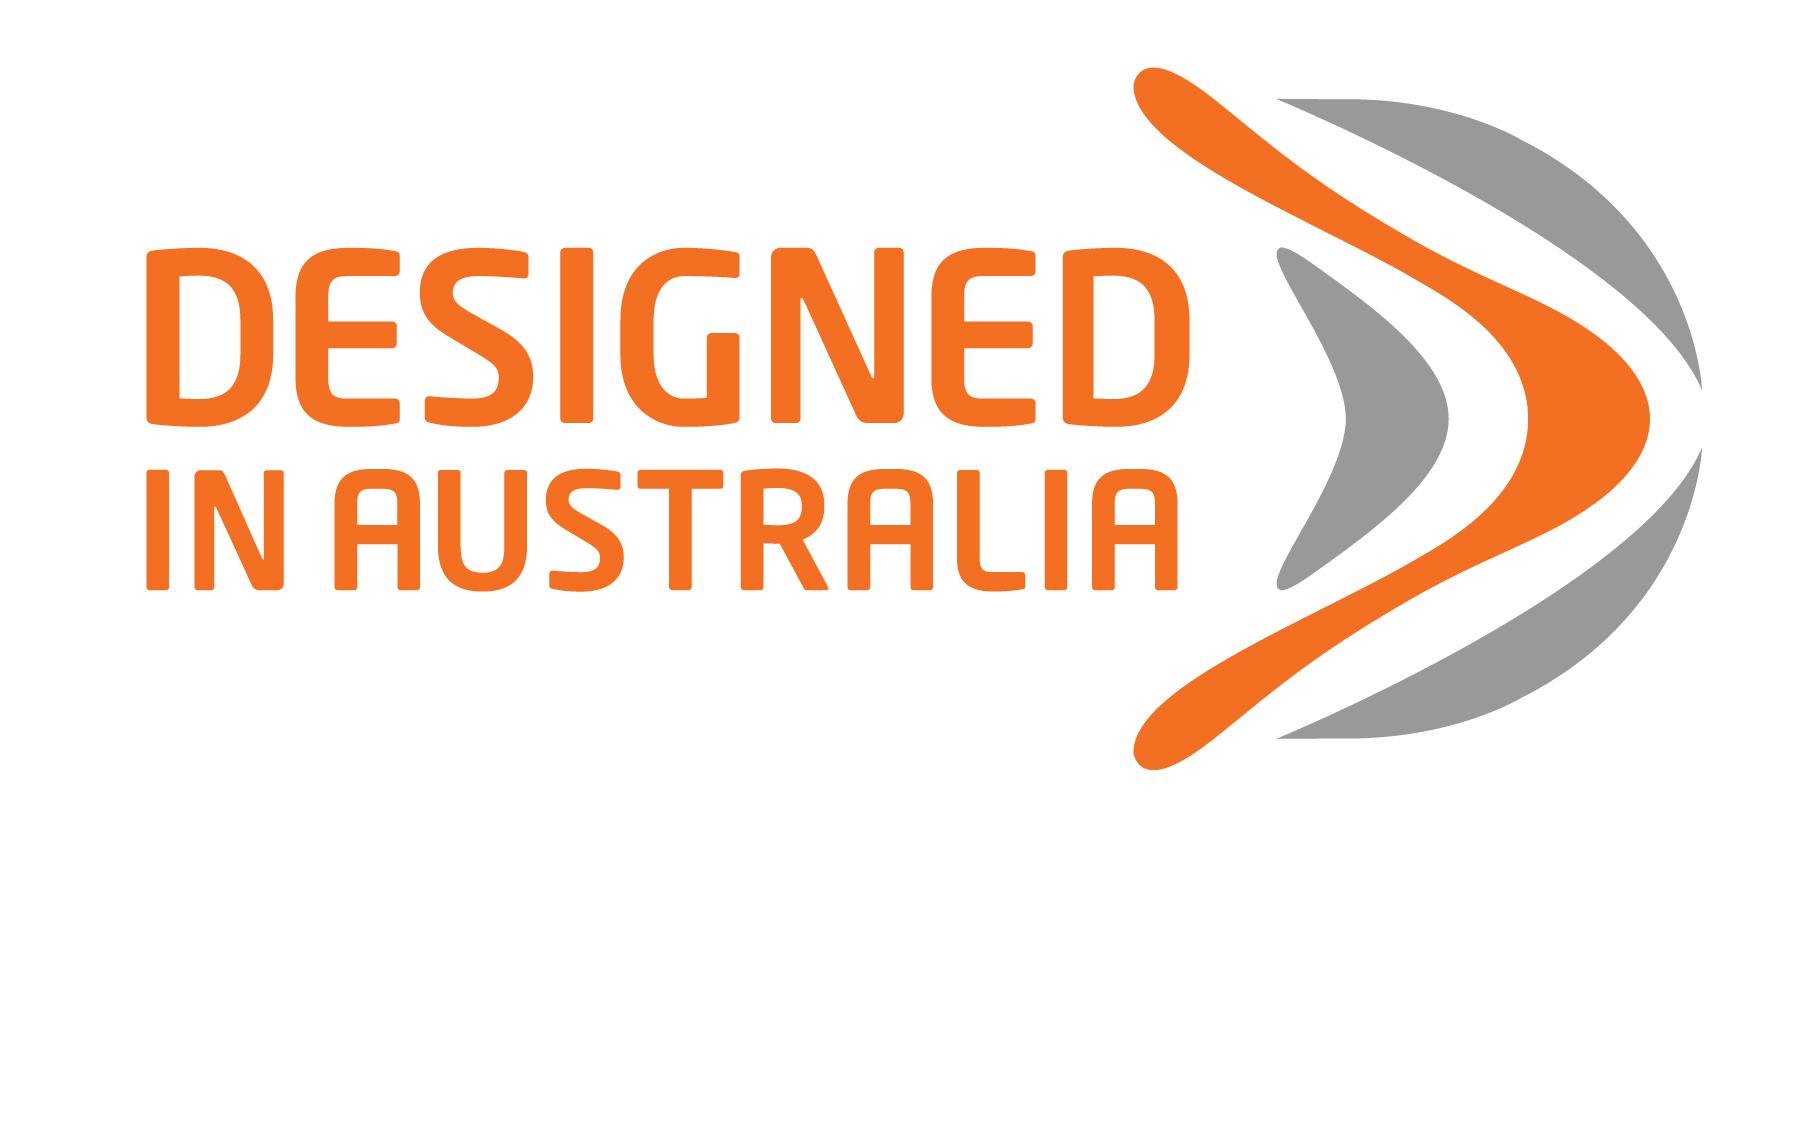 Designed in Australia